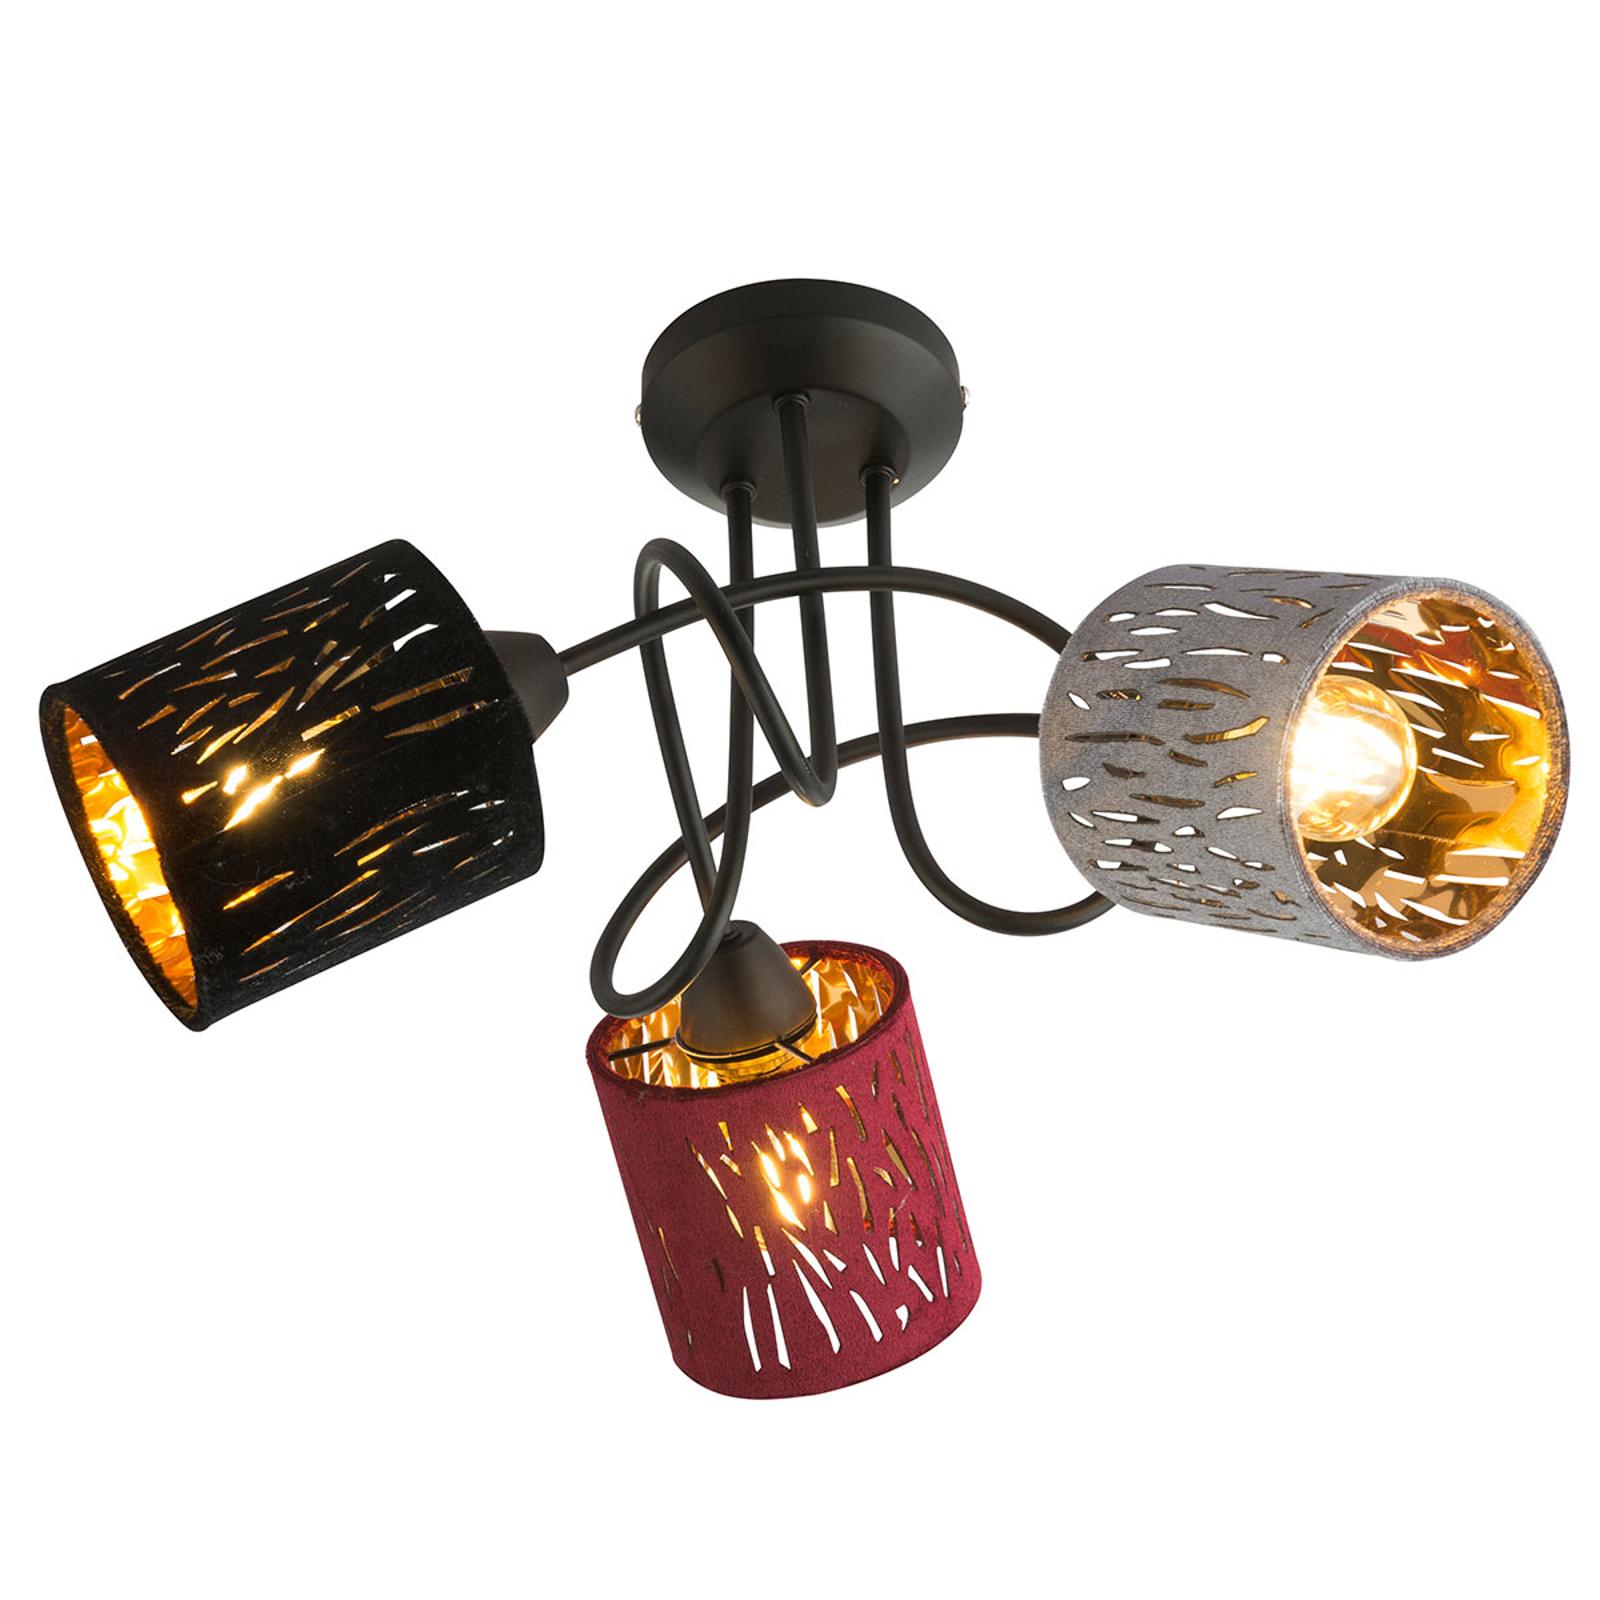 Ticon ceiling light 3-bulb_4015136_1